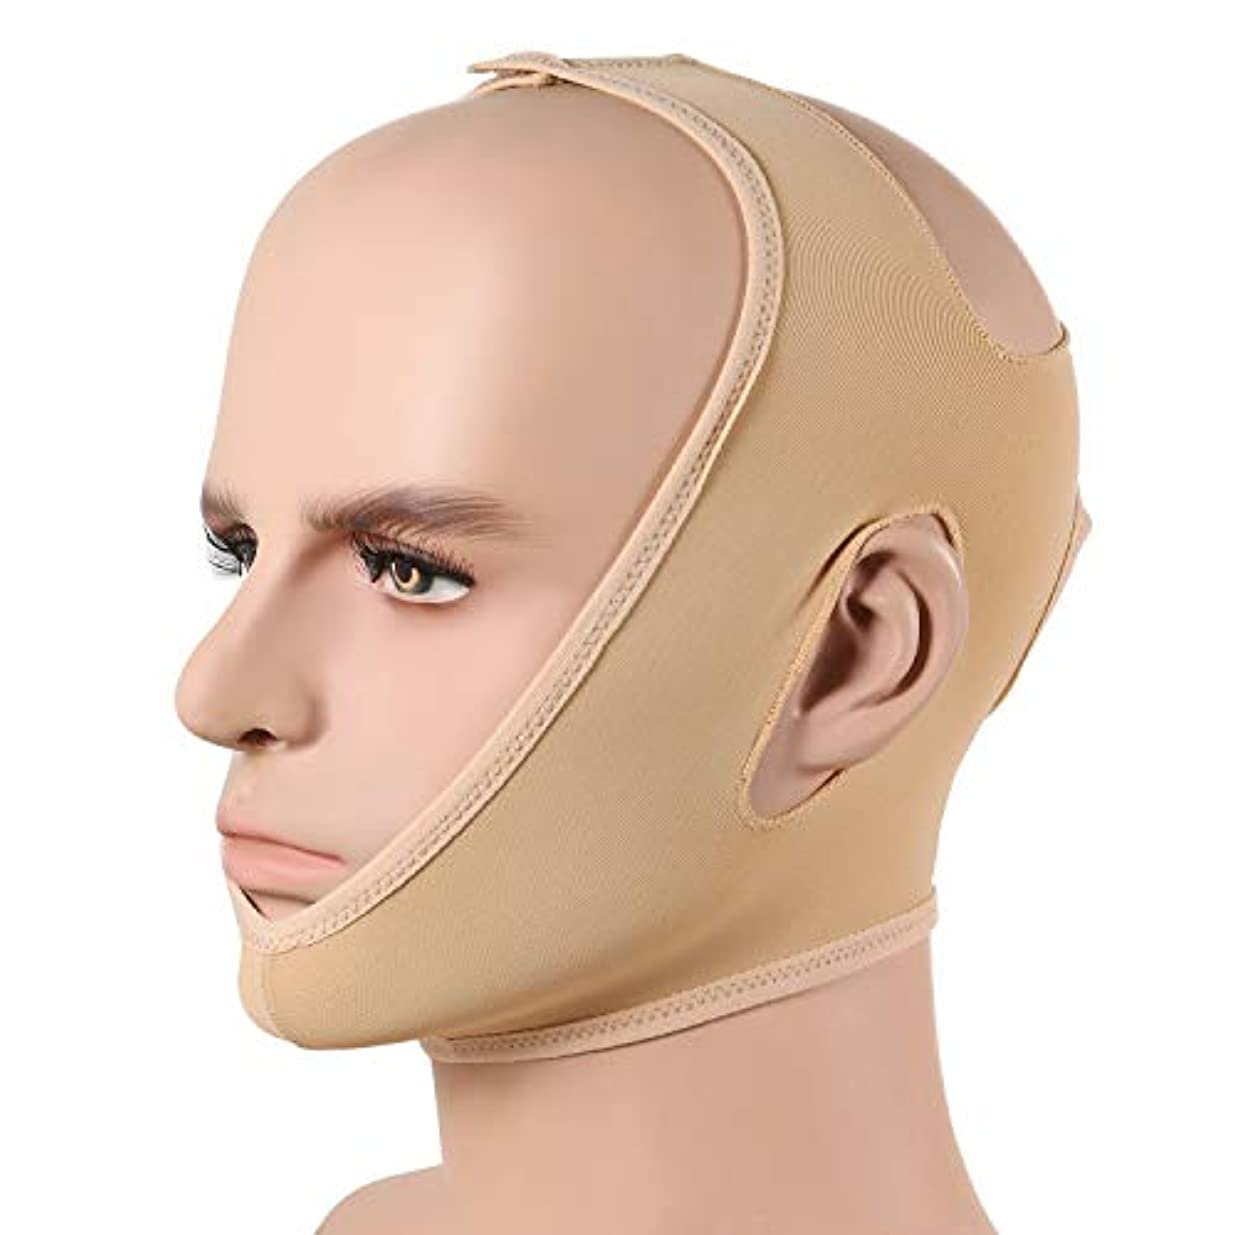 風変わりな追い付く一致するWSJTT スリミングベルト、顔の頬のV形状のリフティングフェイスは薄いマスクストラップフェイスラインは通気性の圧縮二重あごスムースリフトアップ包帯チンはアンチリンクルストラップ、Vフェイスラインスリムアップマスクを持ち上げ削減